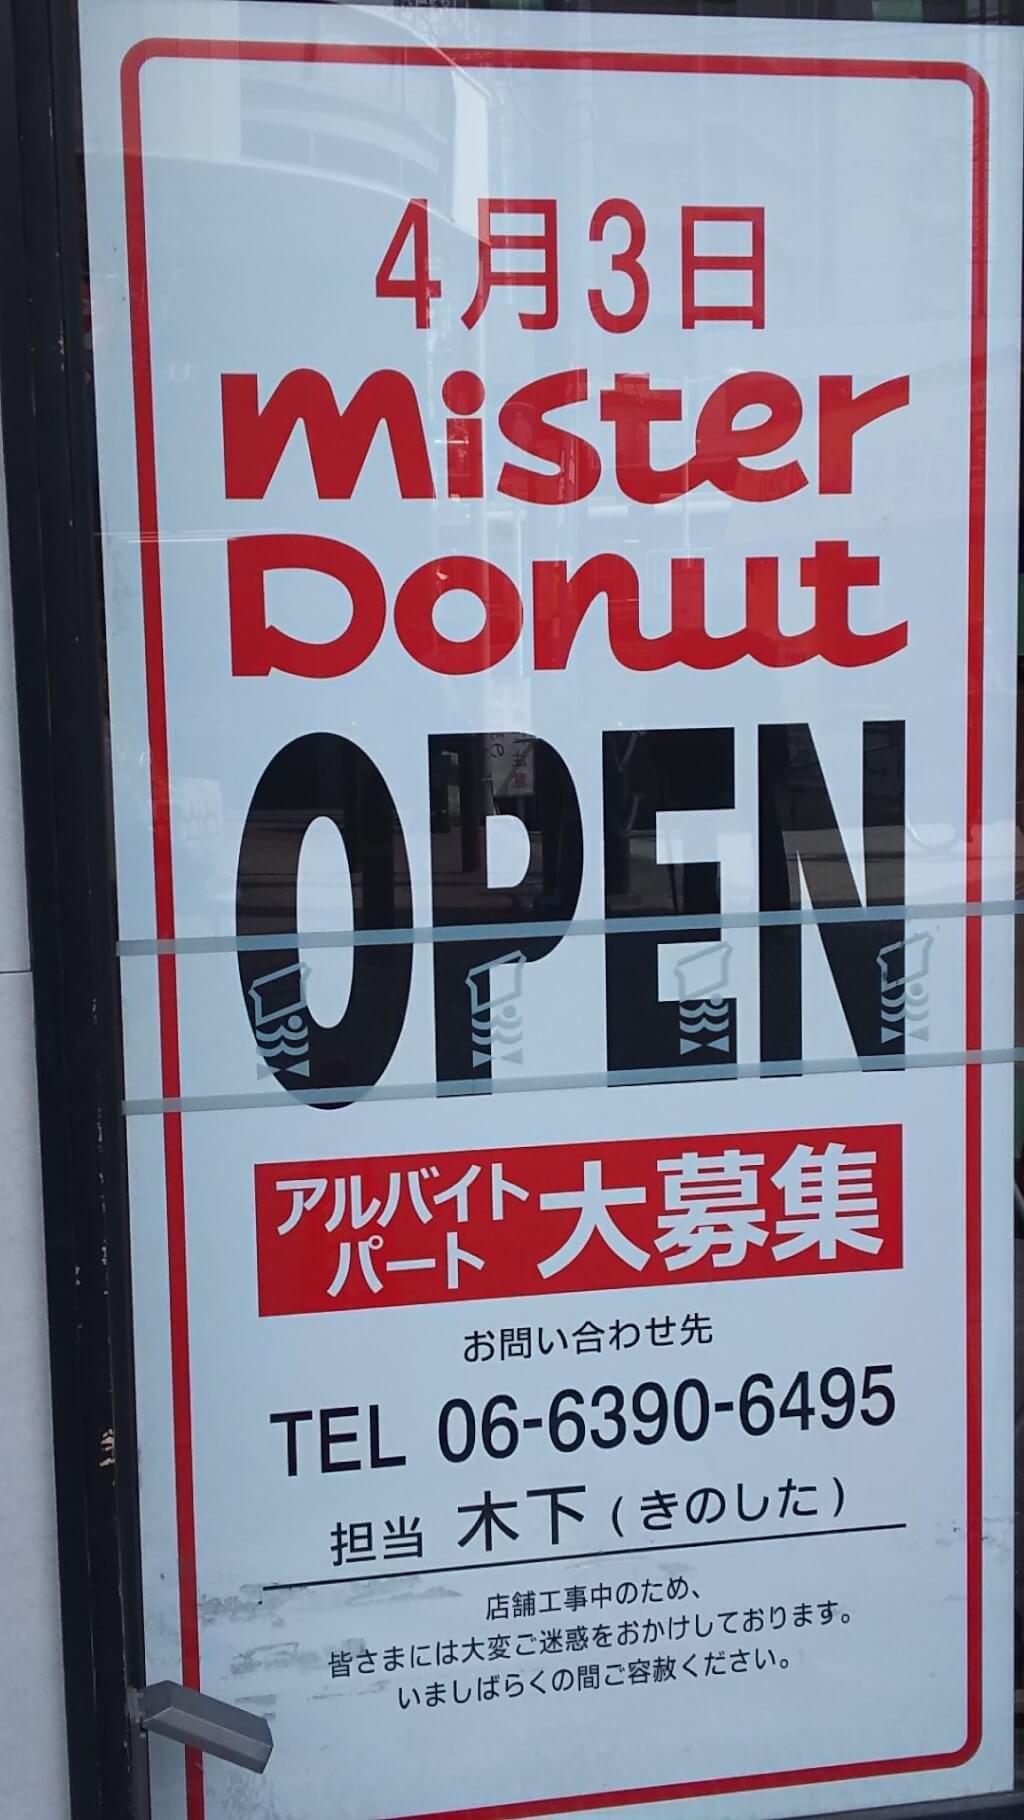 ミスタードーナツ 十三東口店の リニューアルオープンは 4月3日